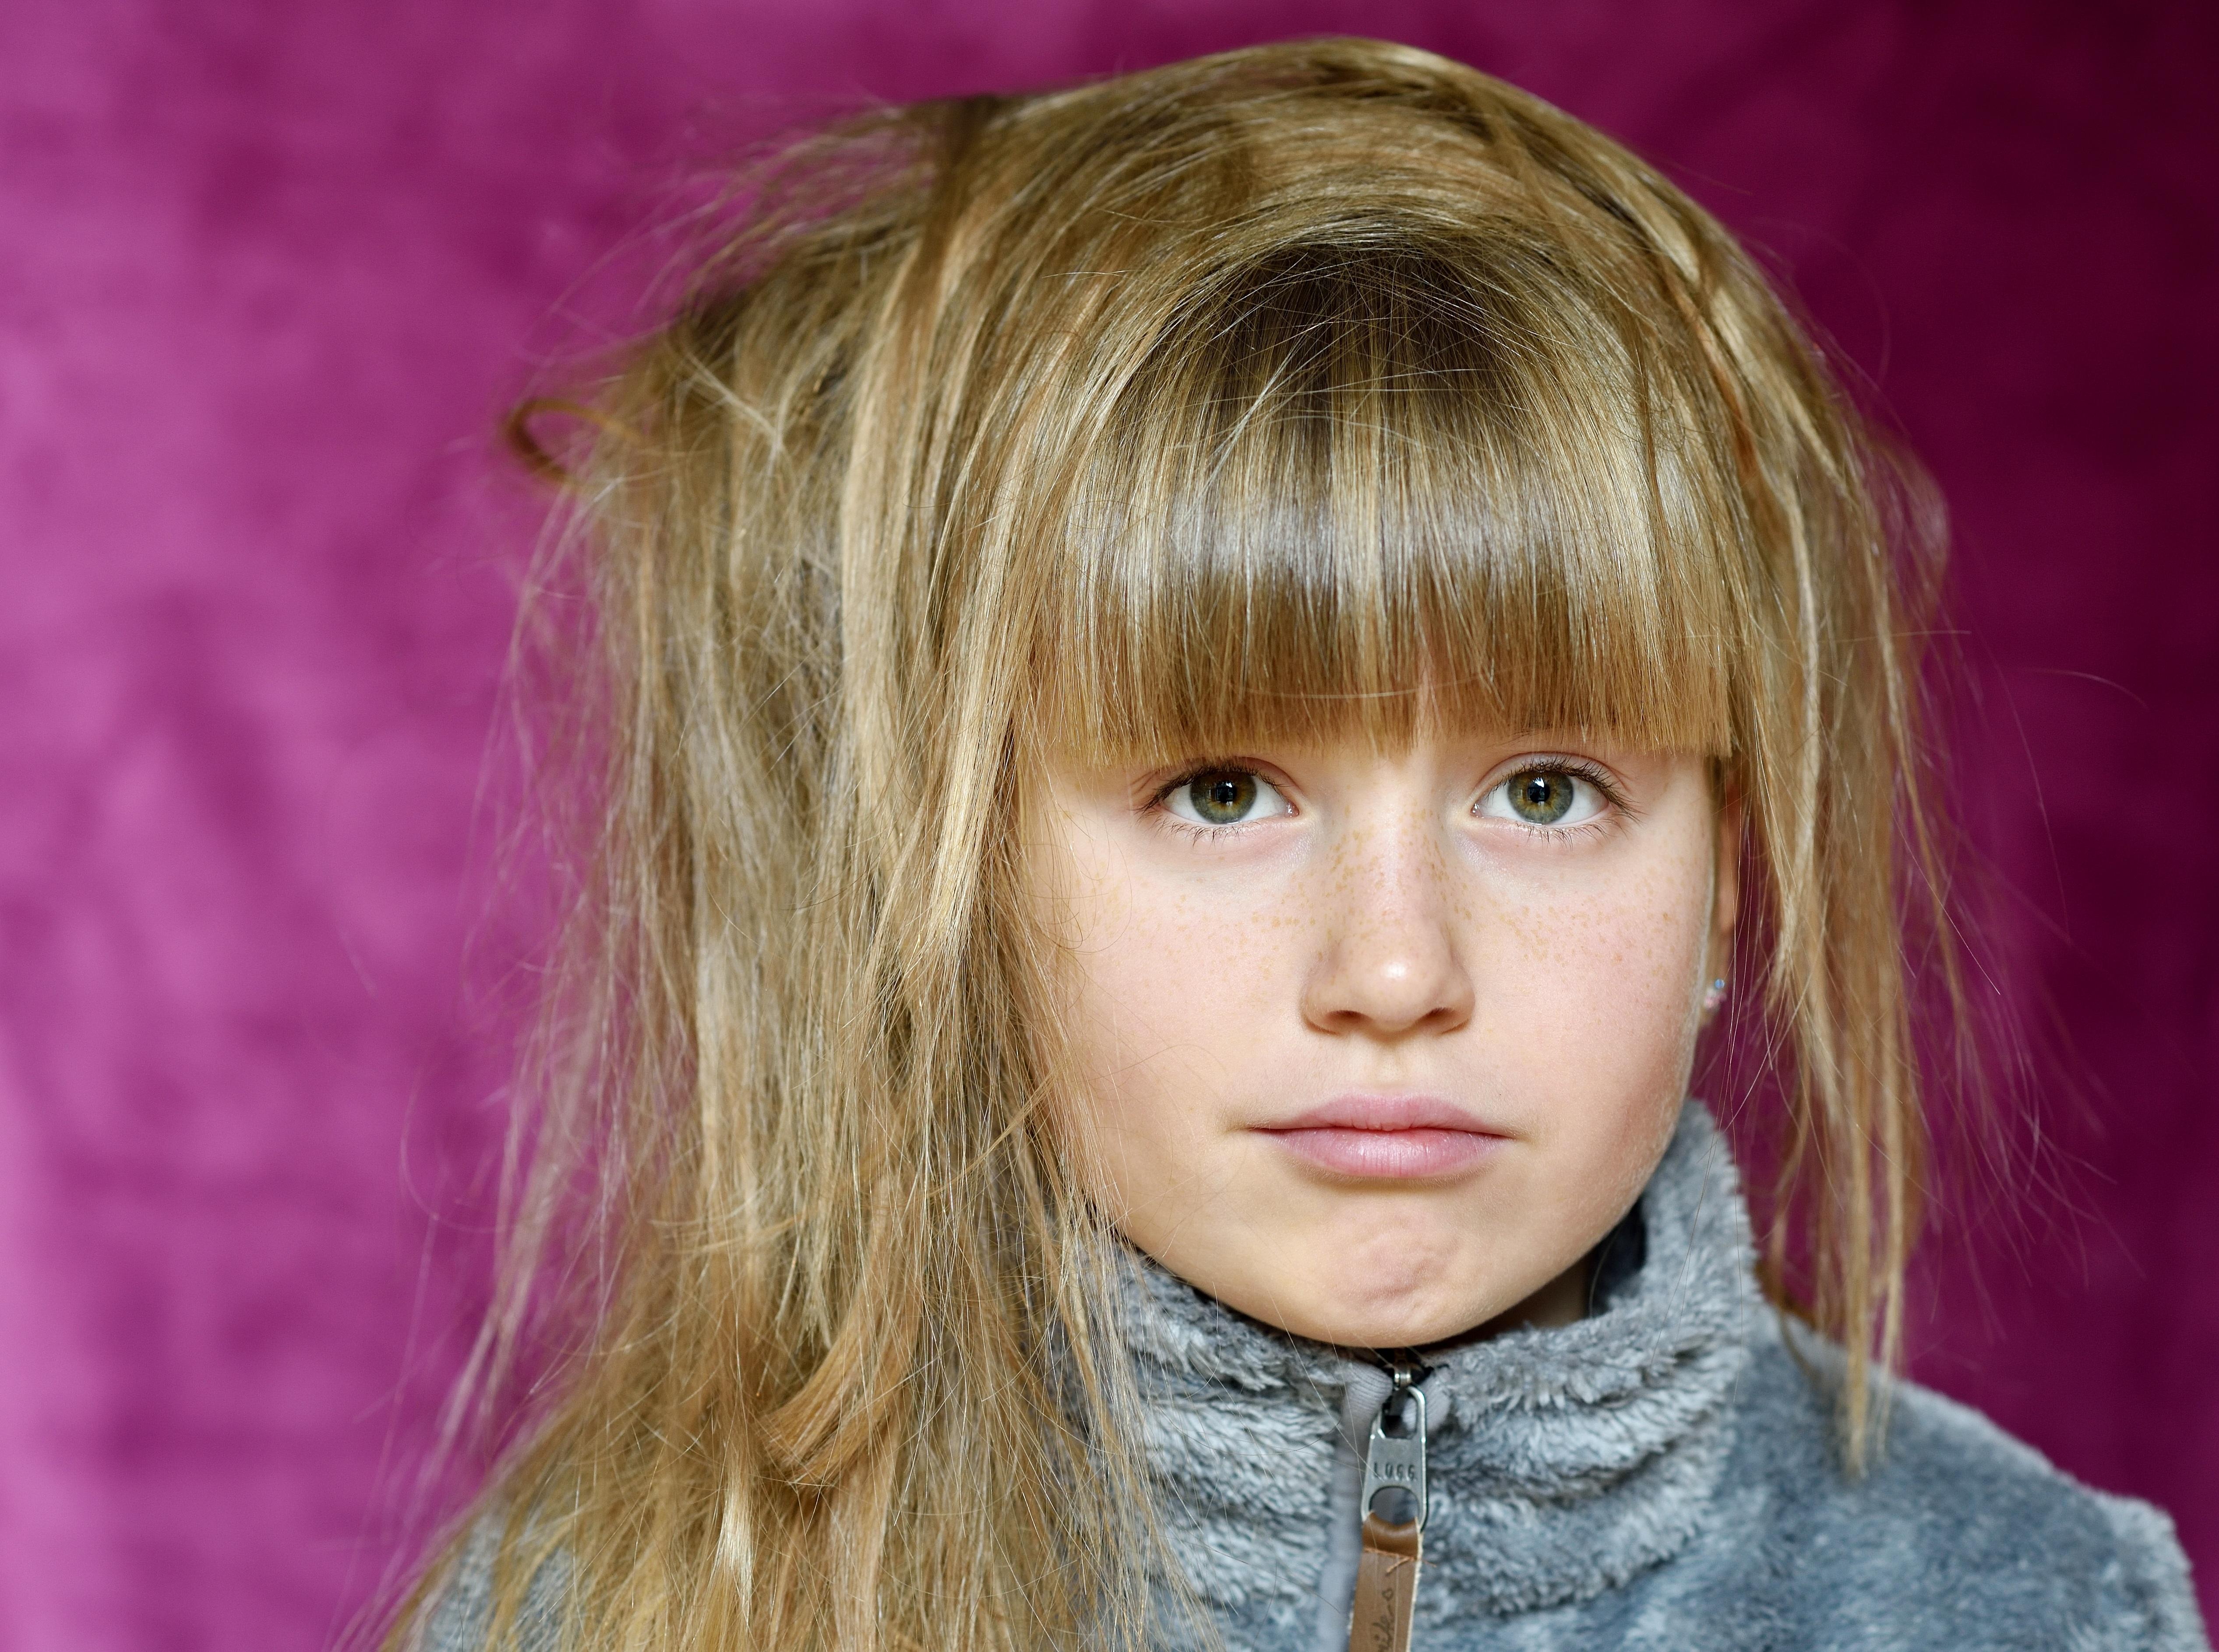 Kostenlose Foto Mädchen Aussicht Porträt Modell Kind Rosa